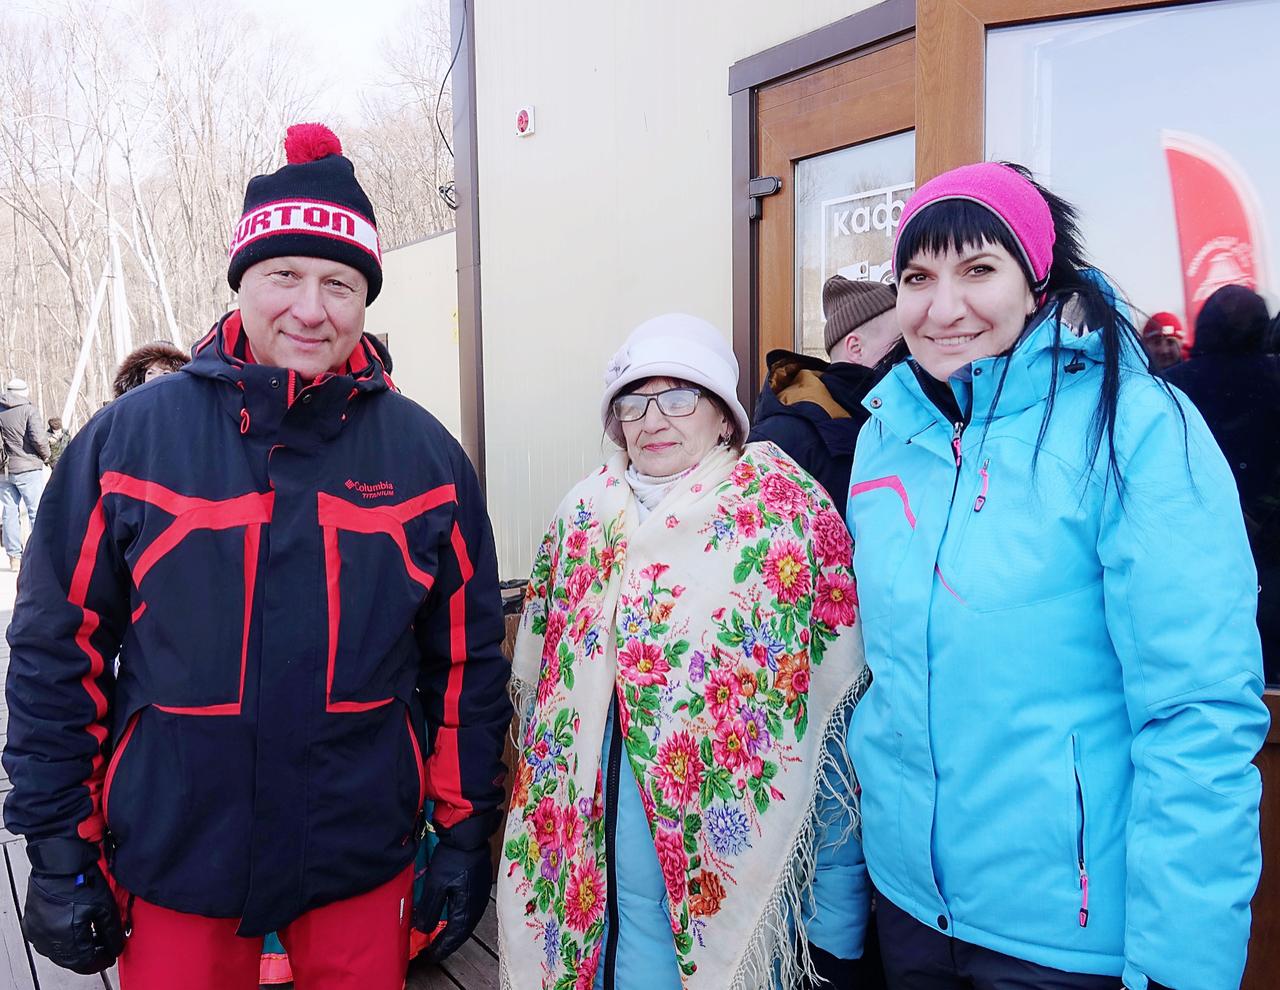 День зимних видов спорта объединил около 100 артёмовцев и гостей нашего города. Посетила спортивный праздник и депутат Думы Зарина Фардзинова.